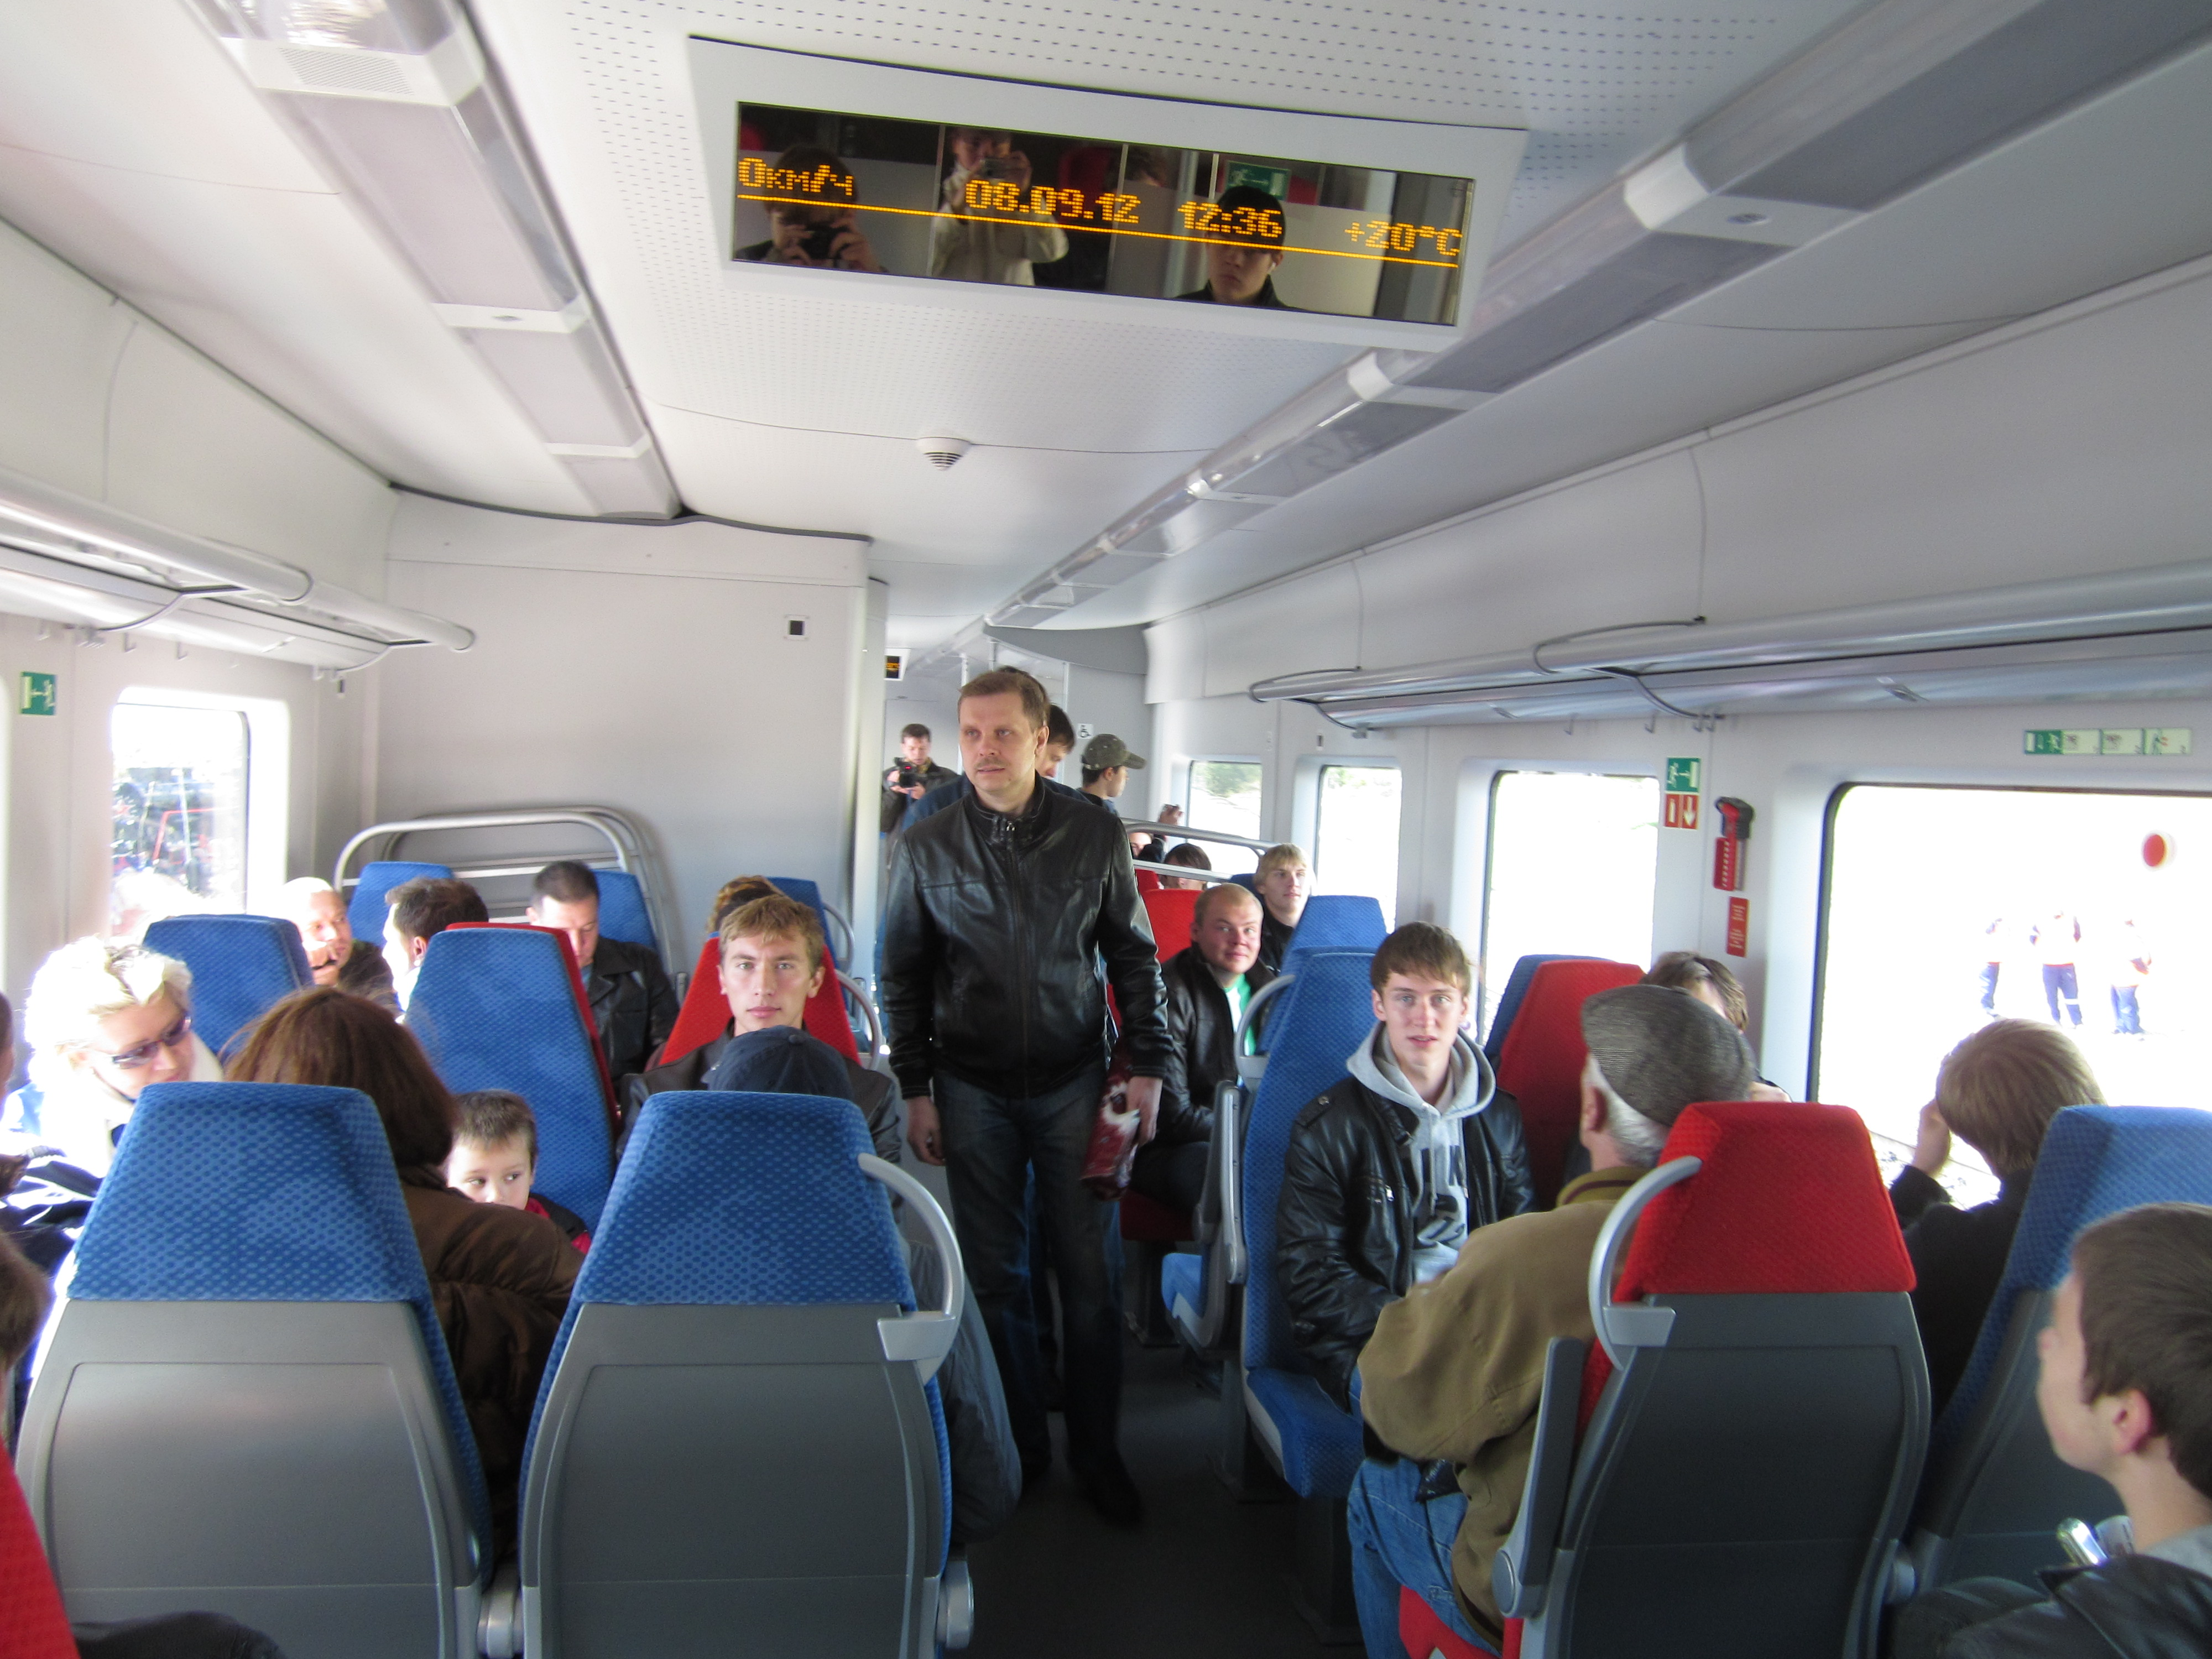 Схема сидячего вагона в поезде москва-брянск